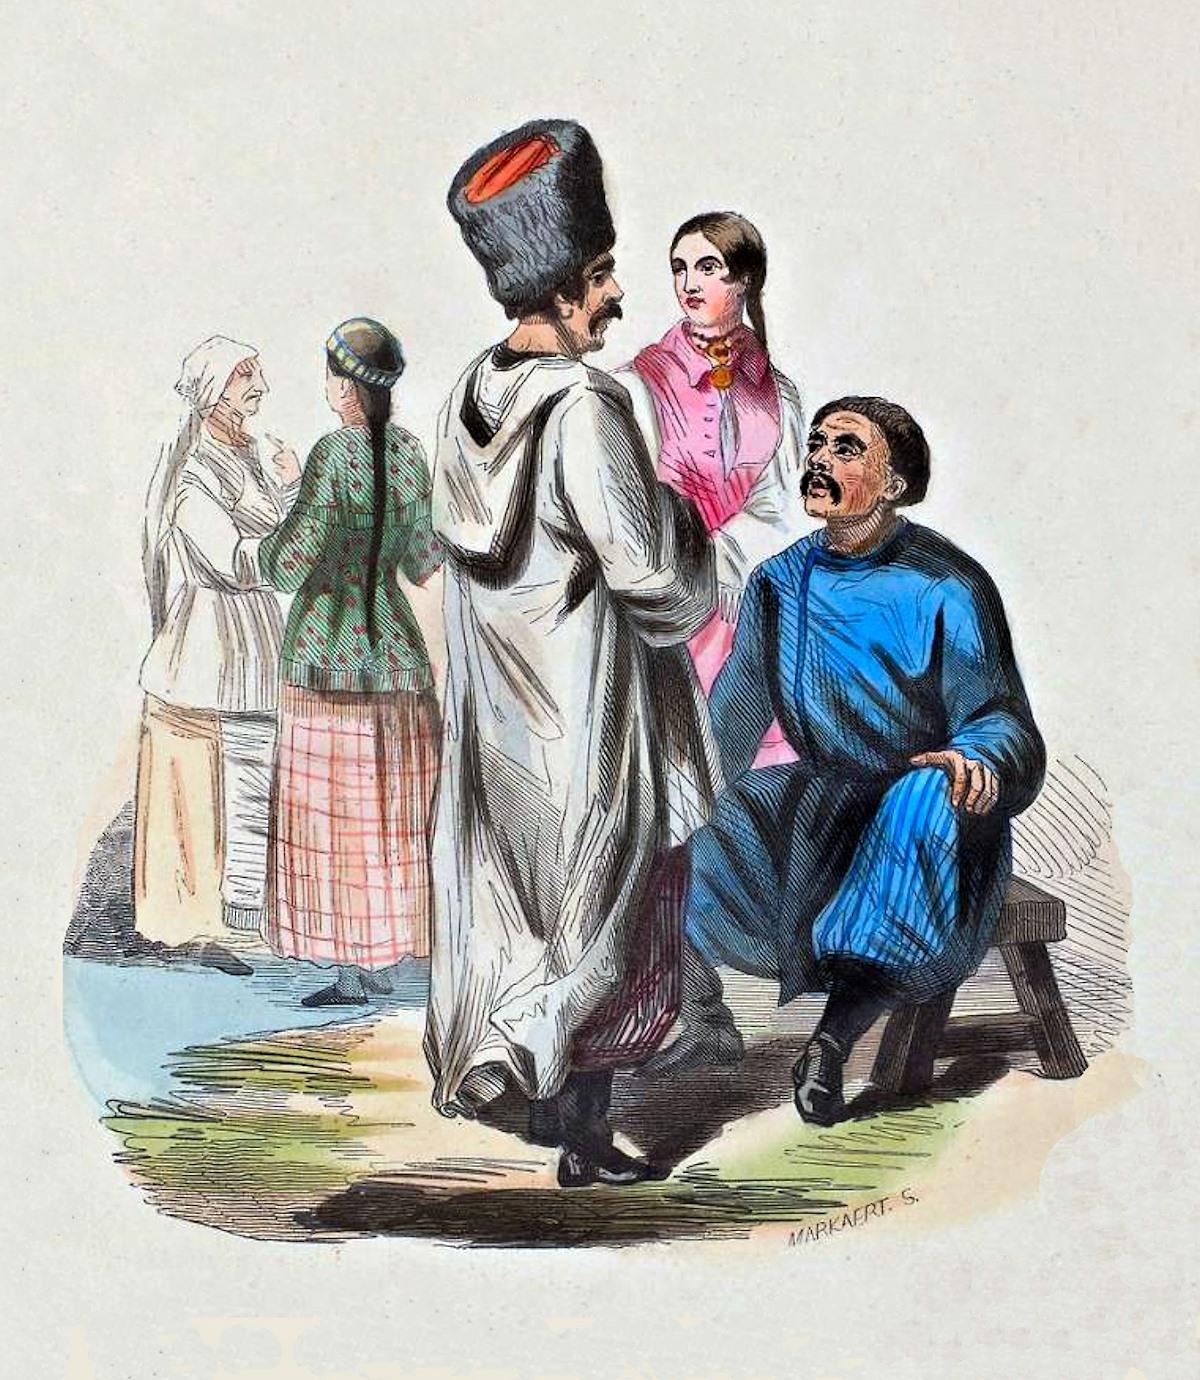 00 S Markaert. Habitants de la Petite Russie. 1843.